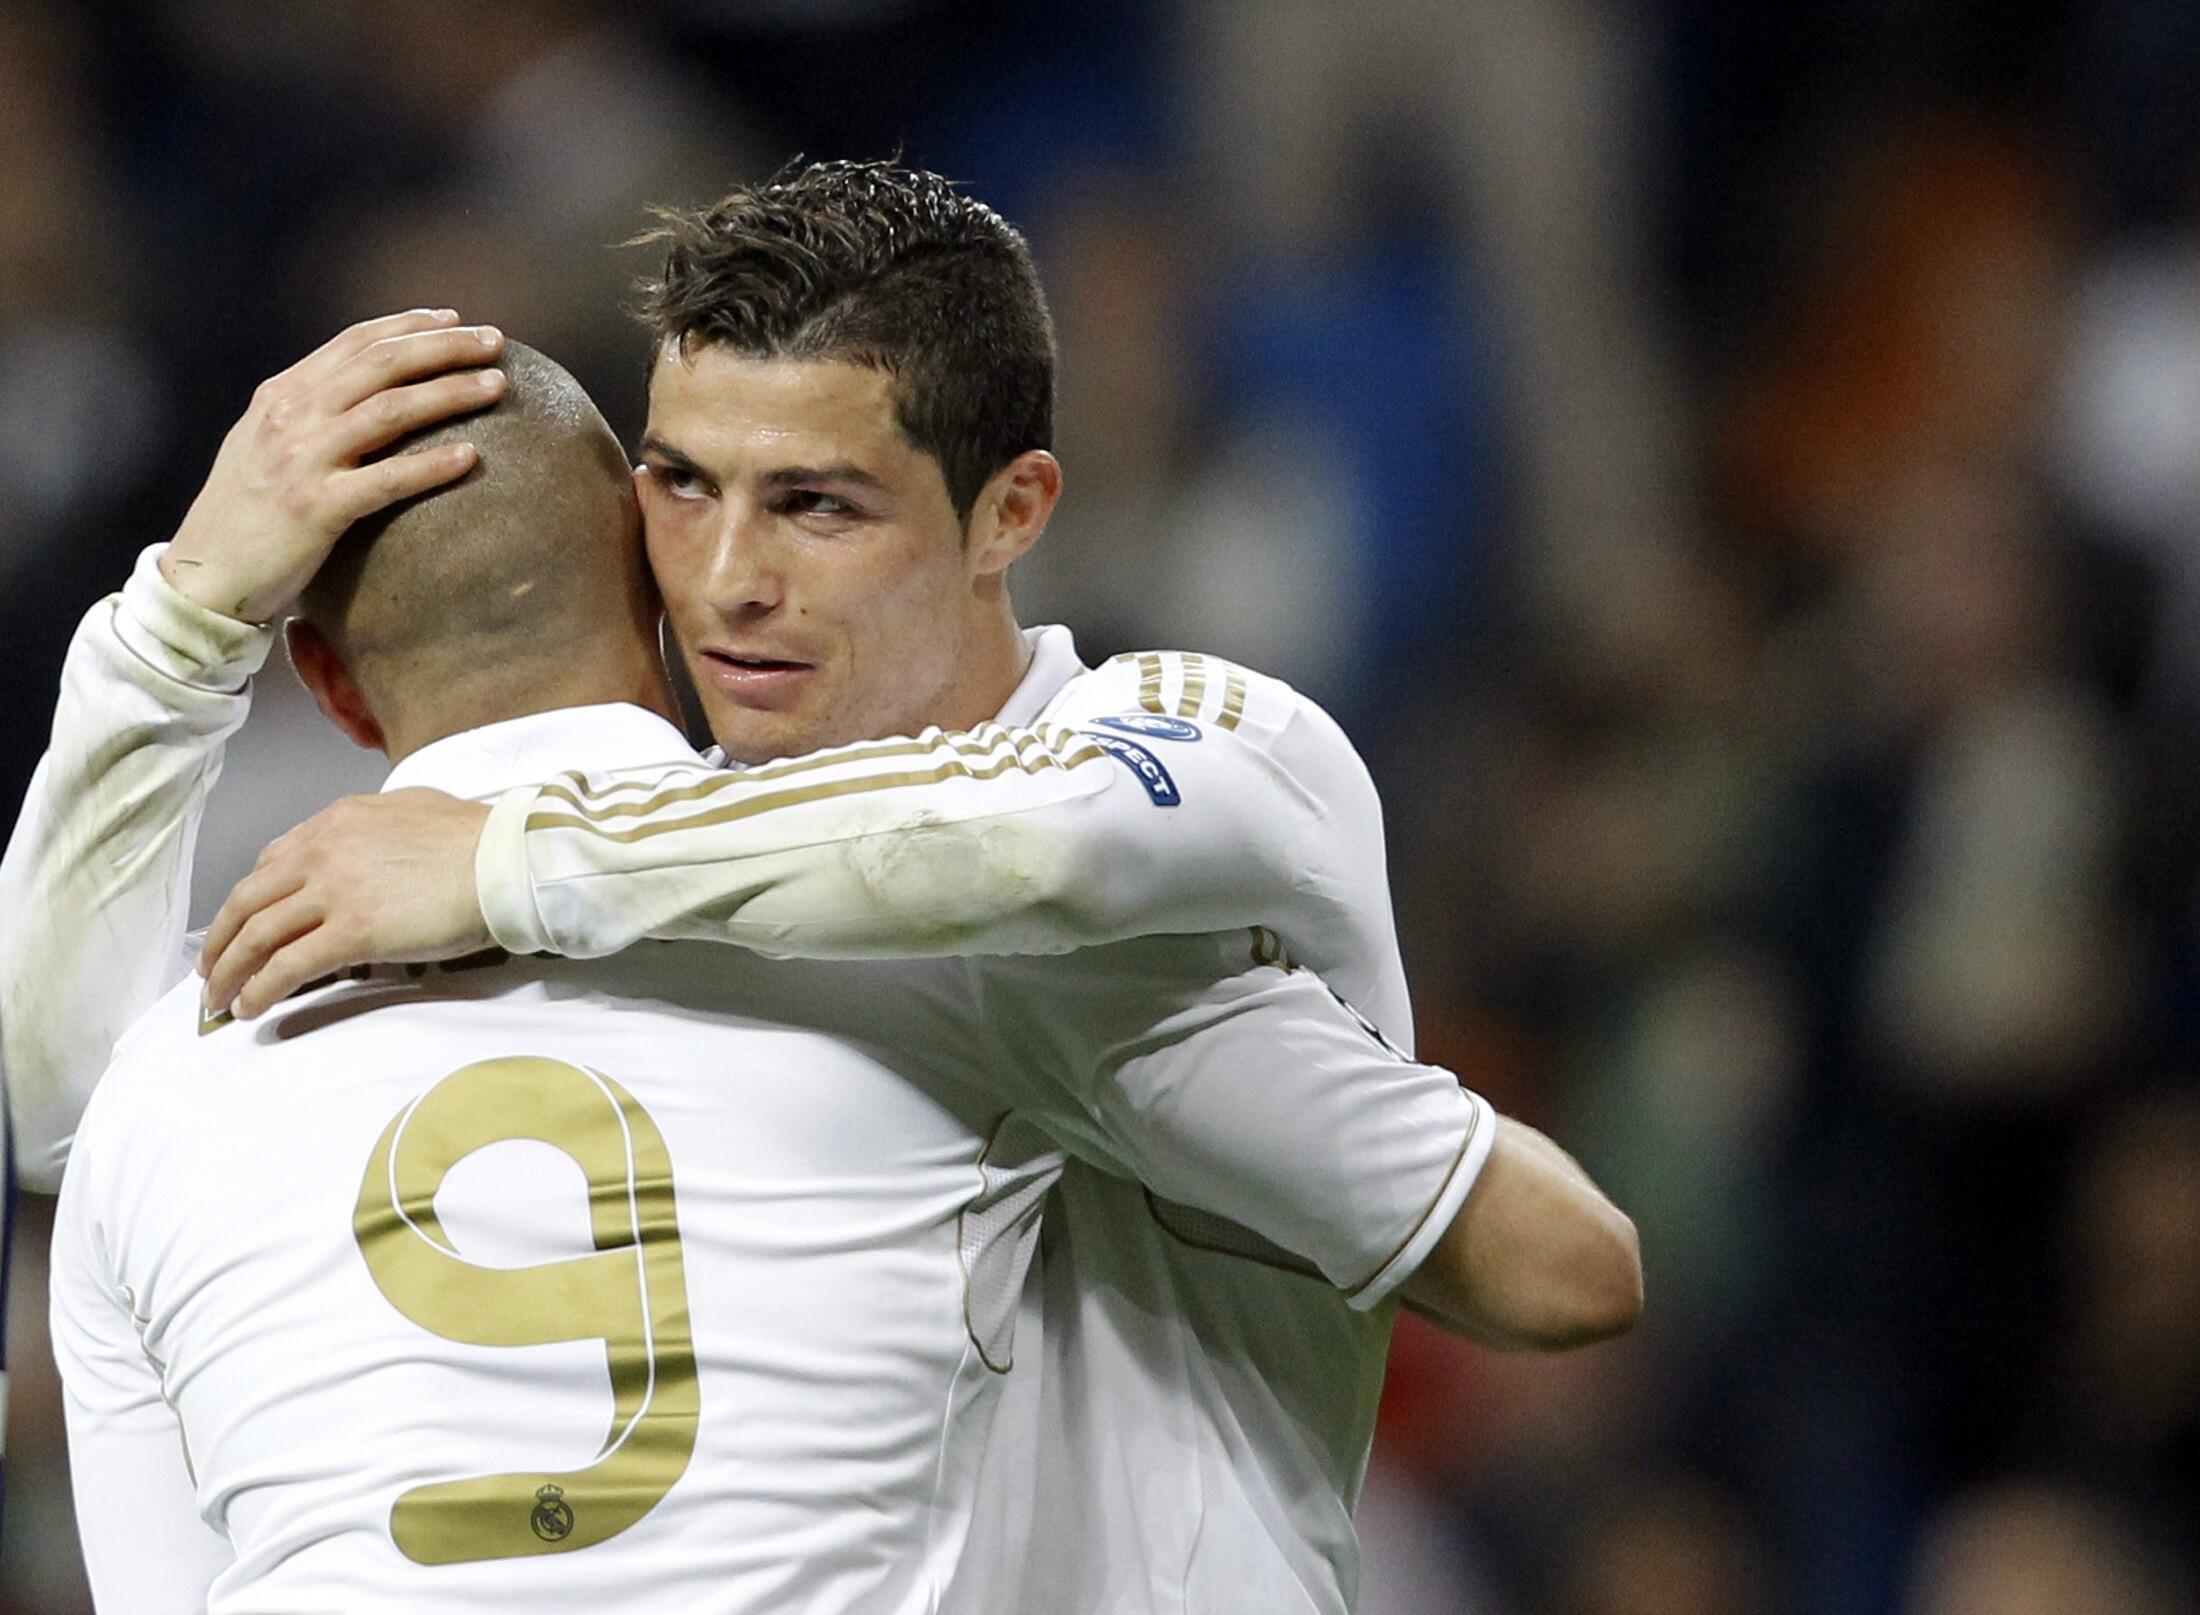 O atacante português marcou dosi gols da goleada de 4 a 1 do Real Madri sobre o CSKA Moscou, nesta quinta-feira, 14 de março de 2012.